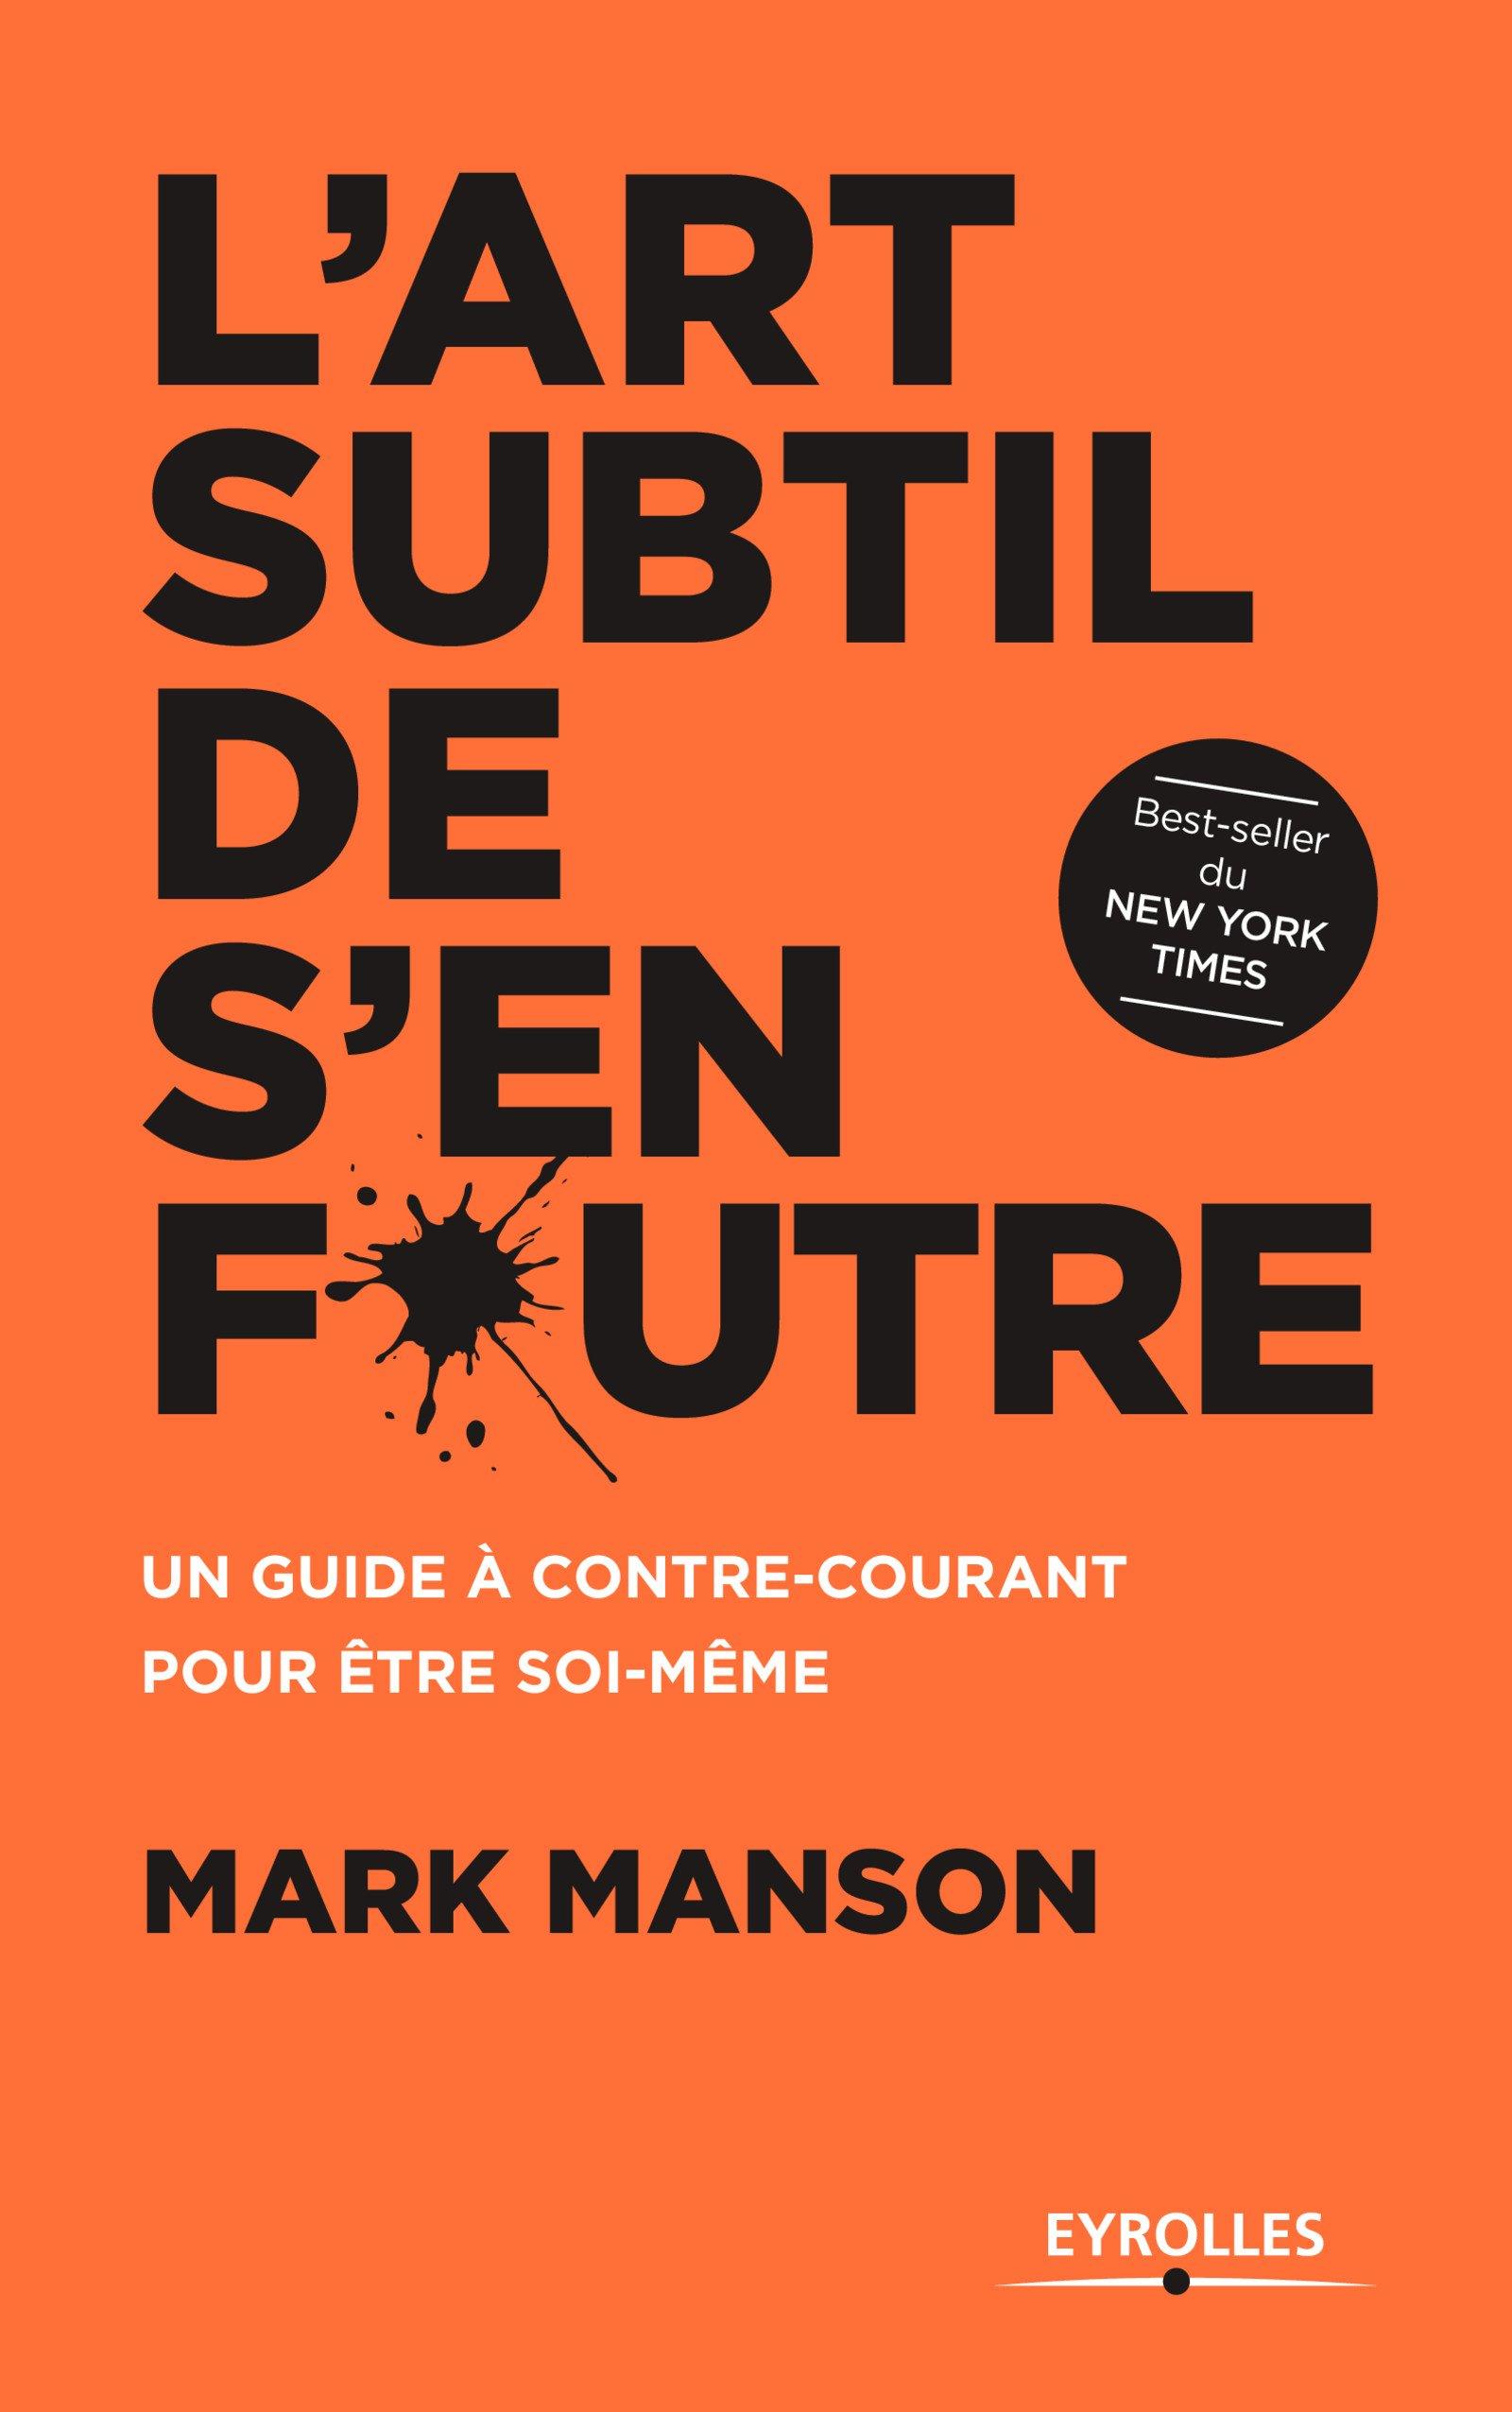 L'art subtil de s'en foutre -Mark Manson-Livrealire - Emma PERIE